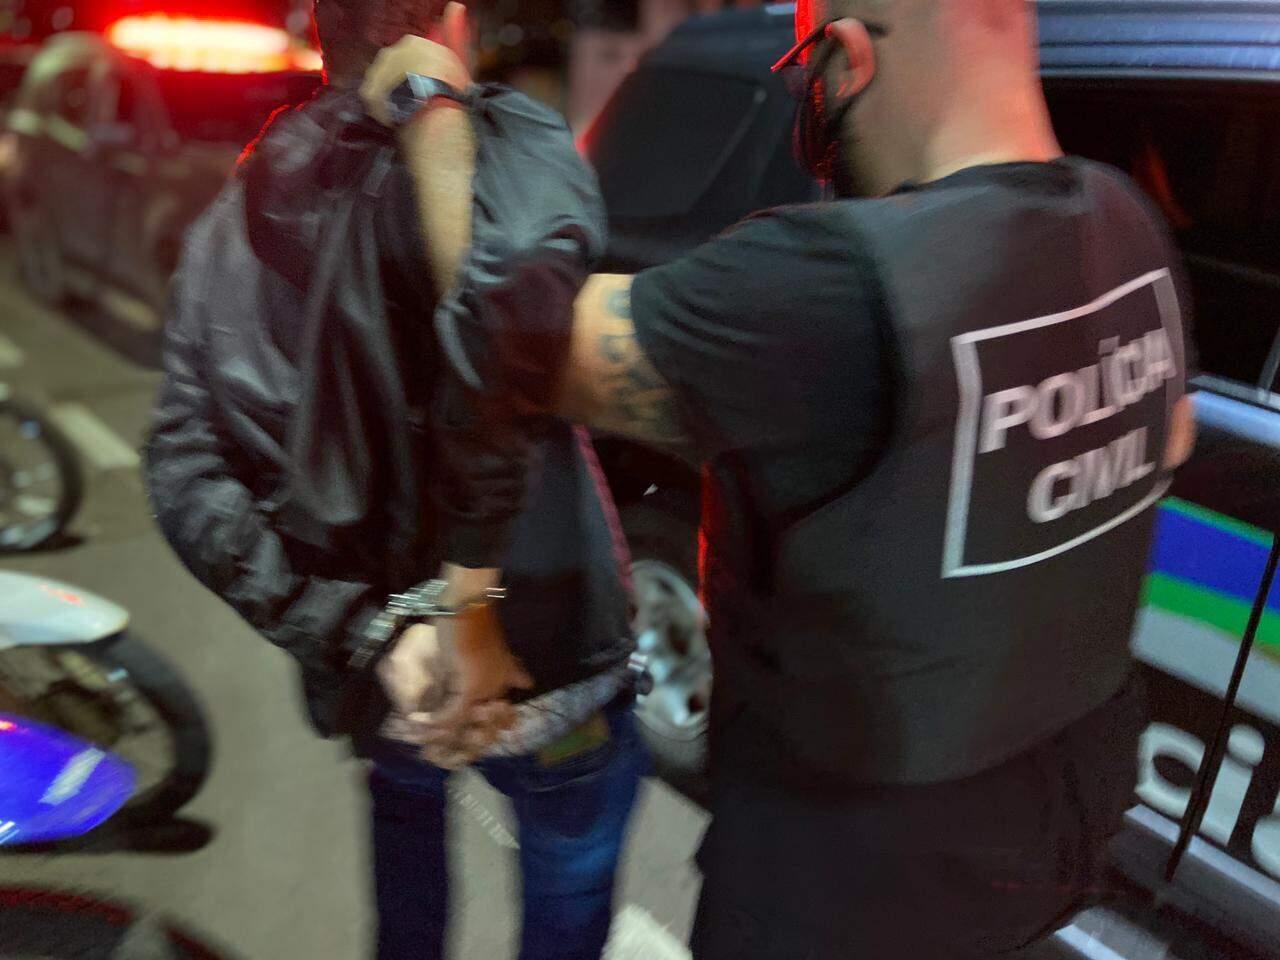 Rapaz foi preso por porte de drogas em uma conveniência. (Foto: Divulgação   Polícia Civil)